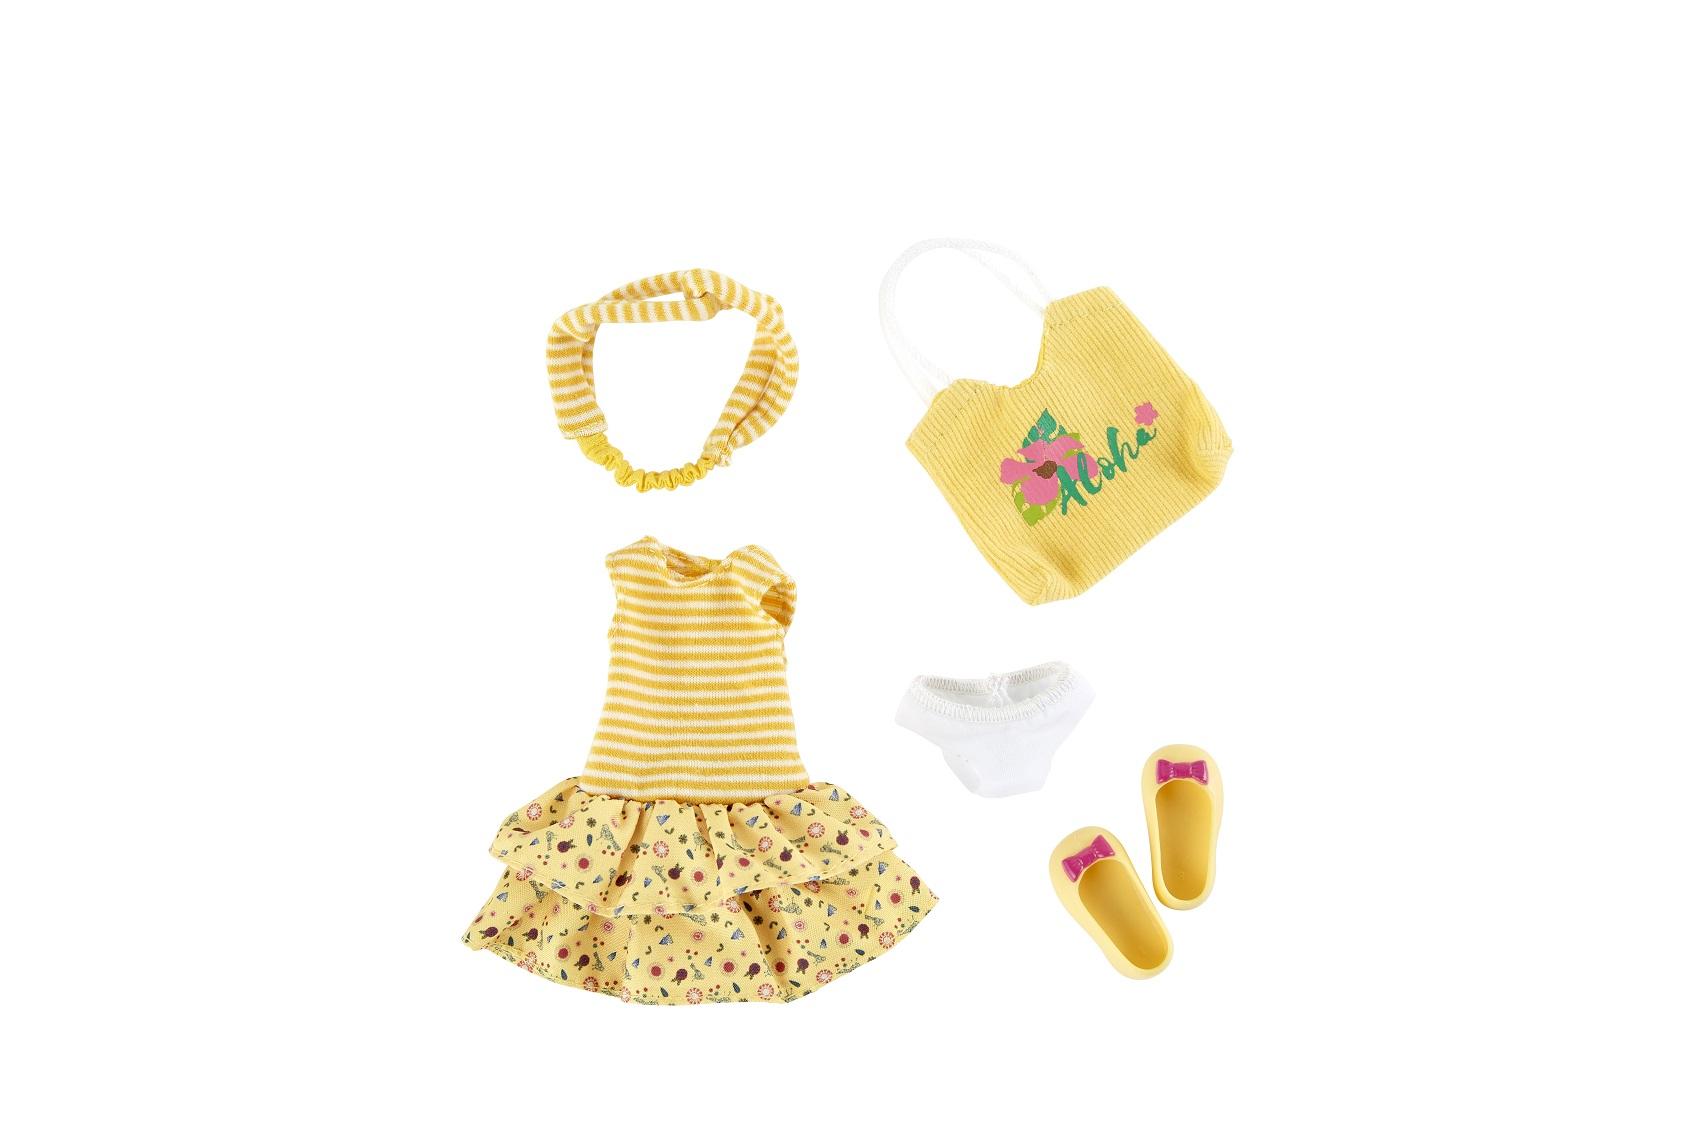 Одежда и обувь для куклы Джой Kruselings 23 см. - Летний желтый наряд